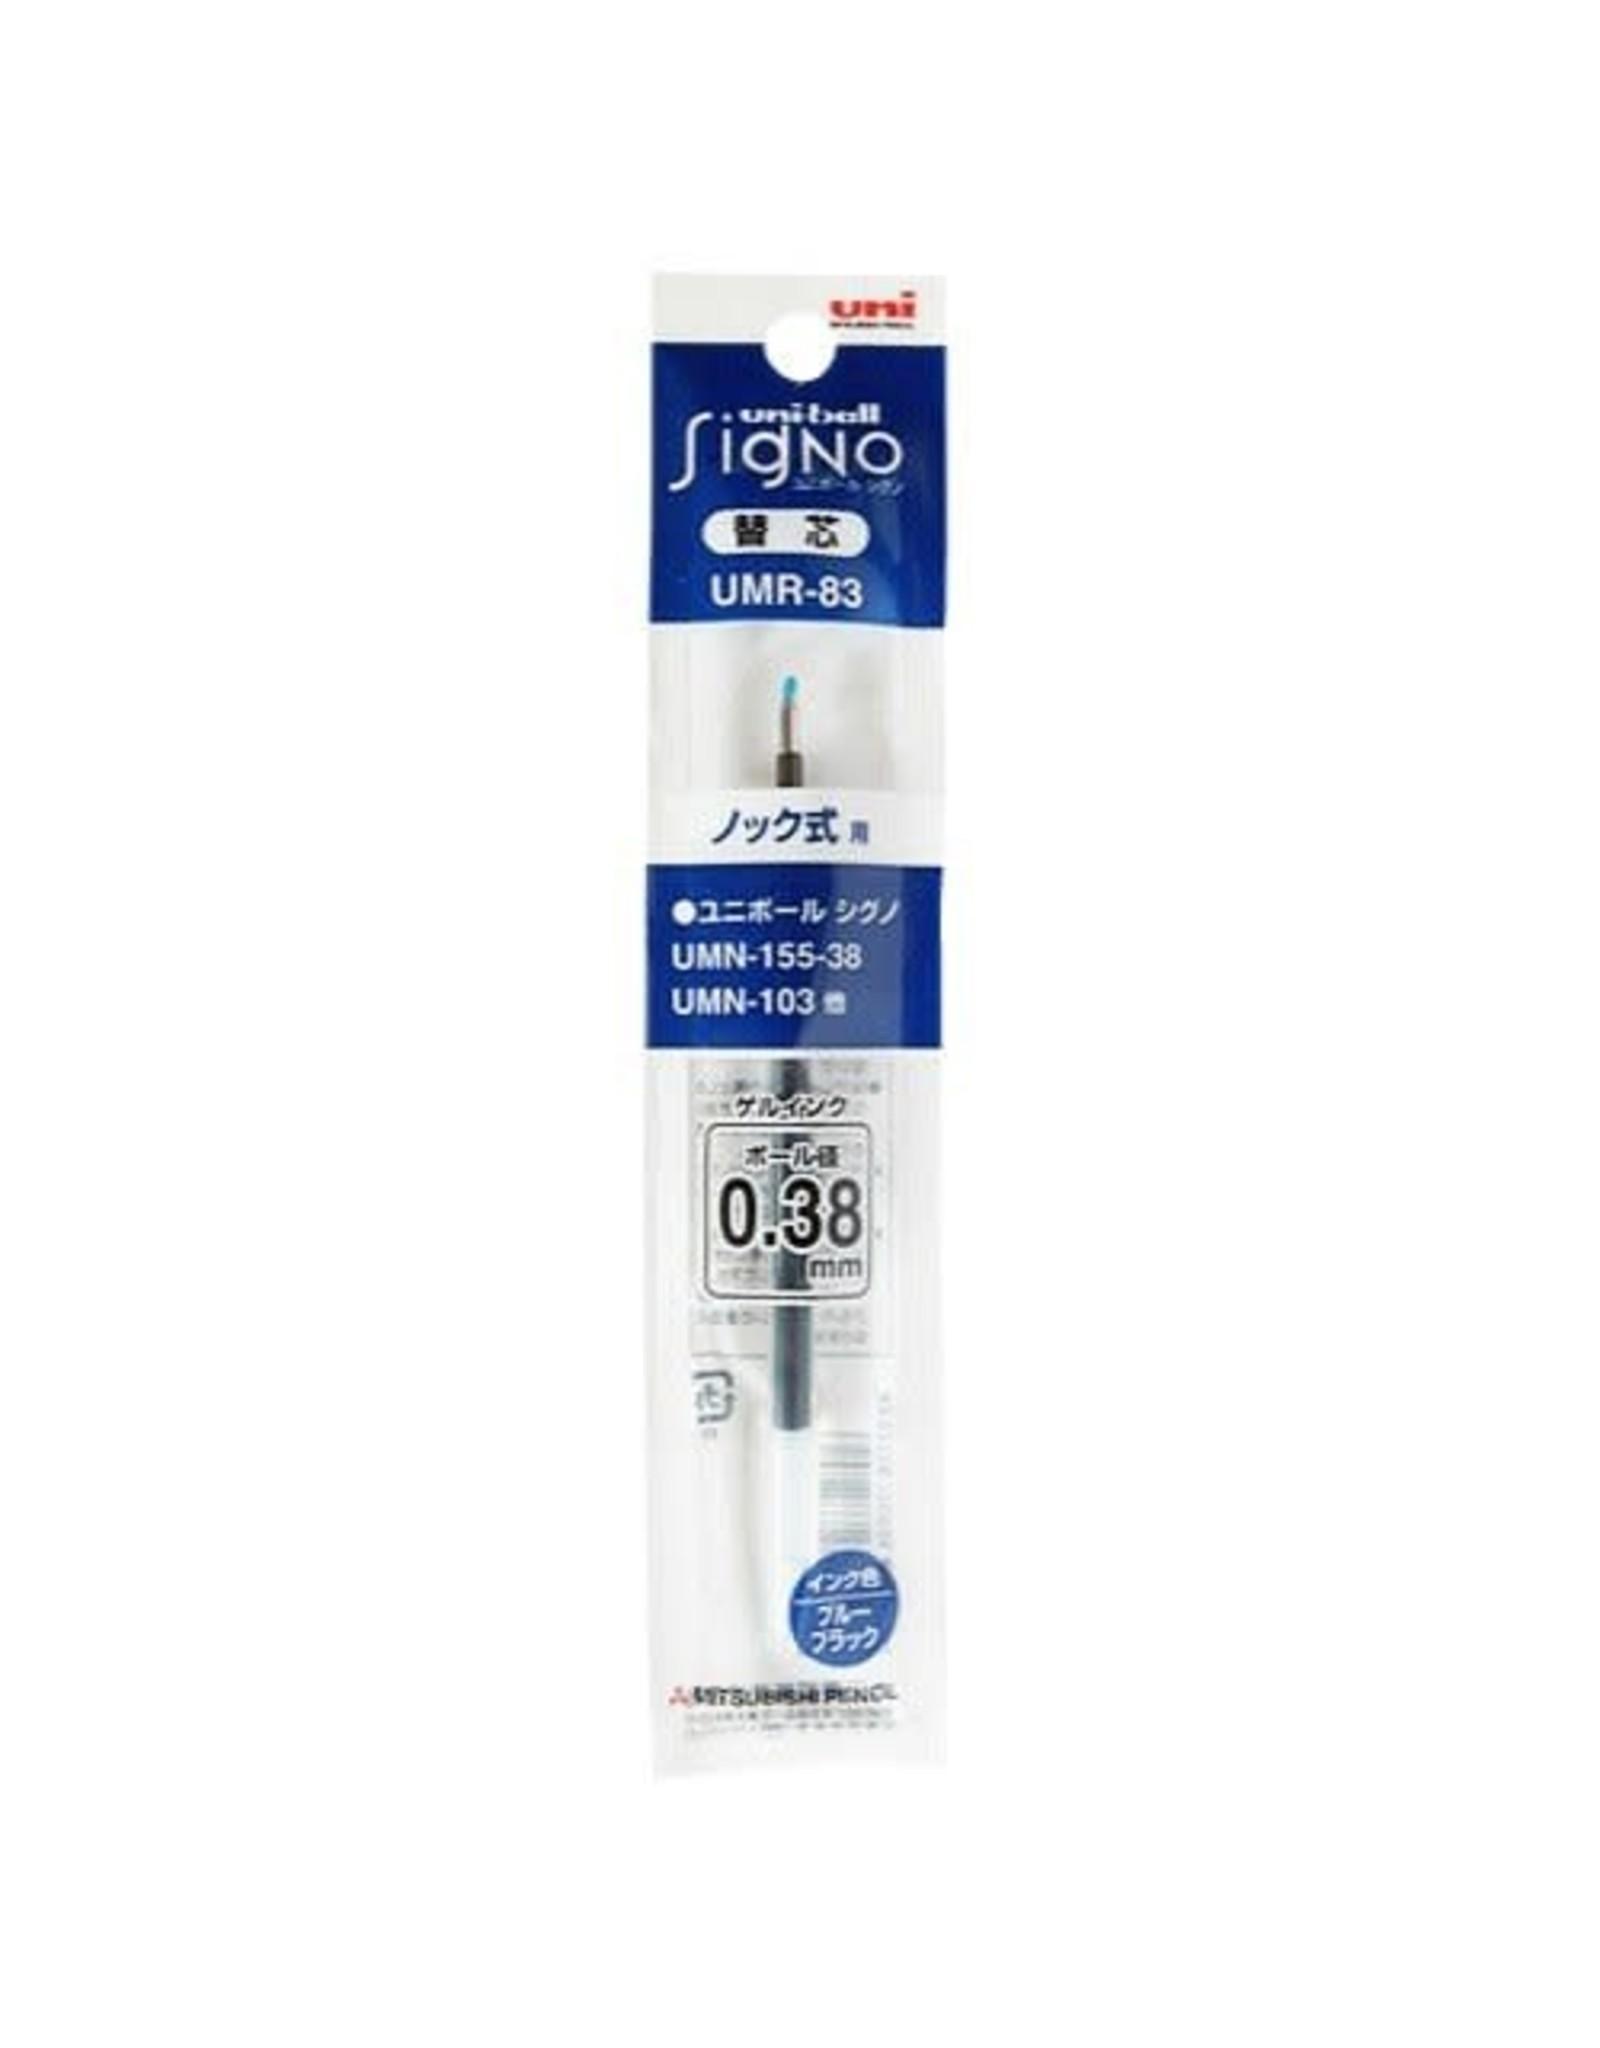 Mitsubishi Pencil Co., Ltd. UNI-BALL SIGNON REFILL BLUE BLACK UMR-1